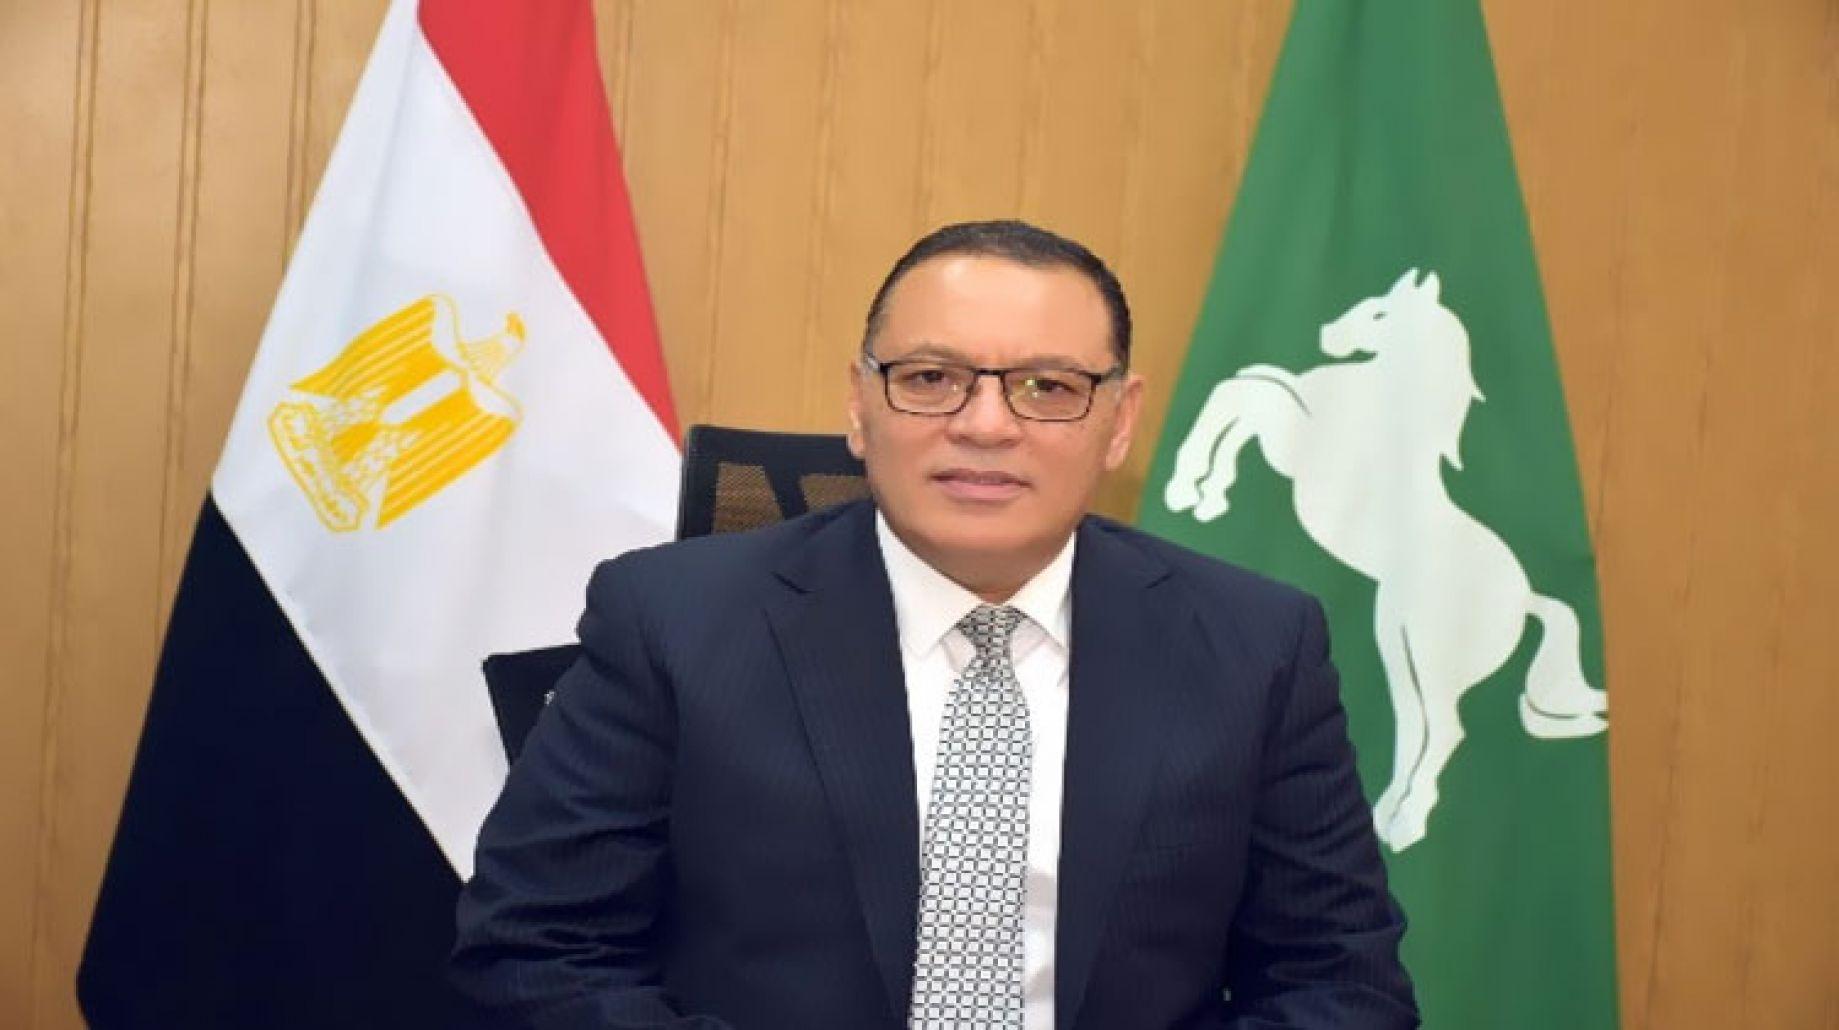 رابط نتيجة الشهادة الاعدادية محافظة الشرقية 2021 ظهرت